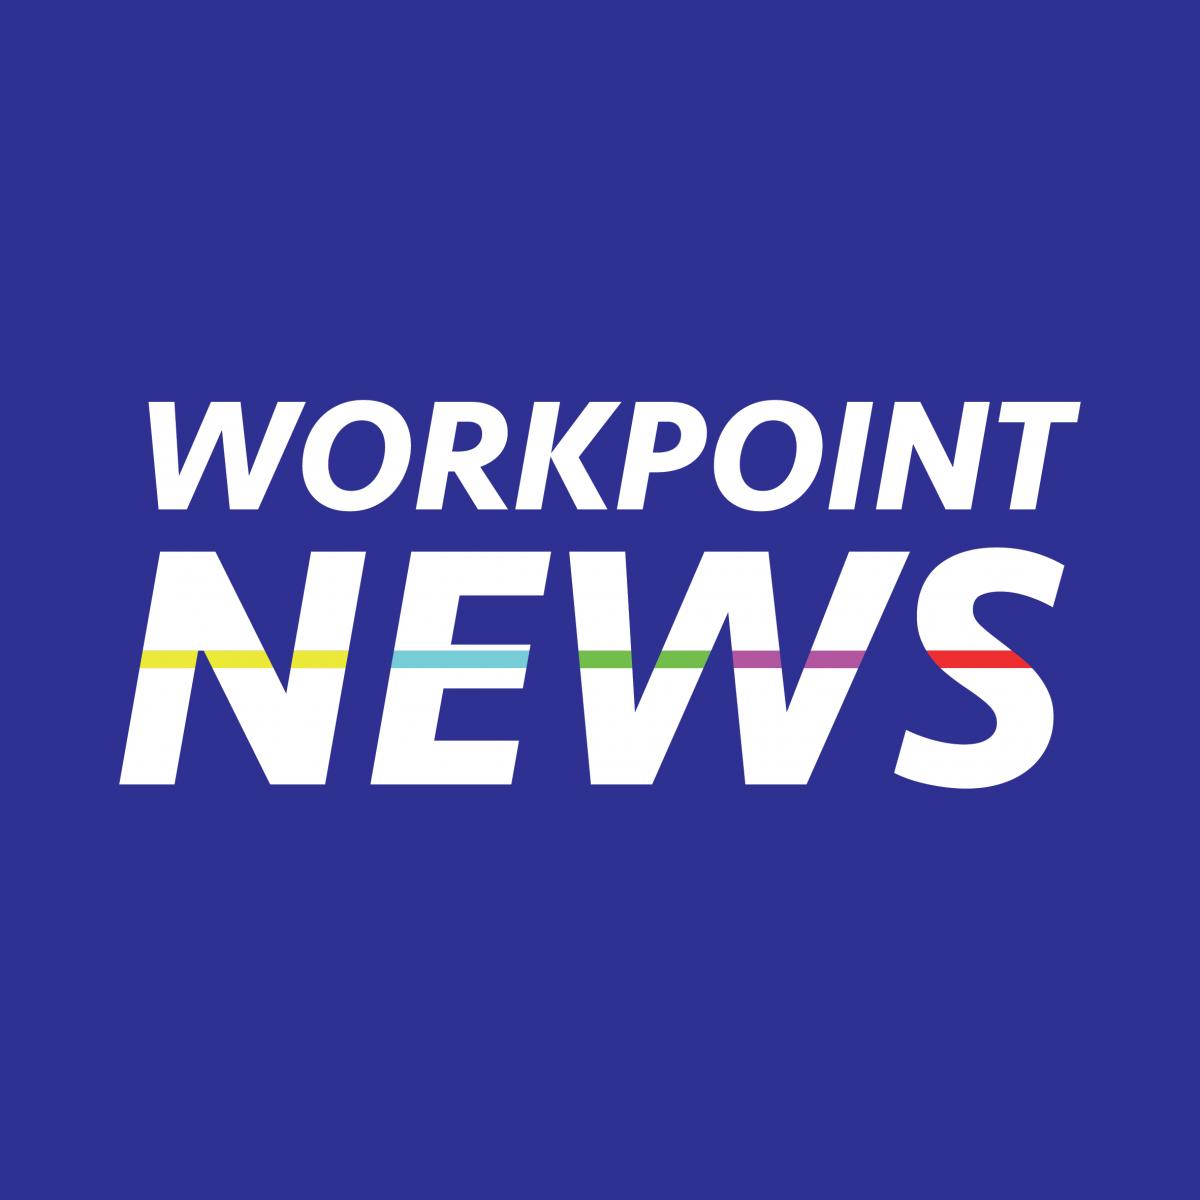 ฮ่องกงประท้วง: Workpoint News